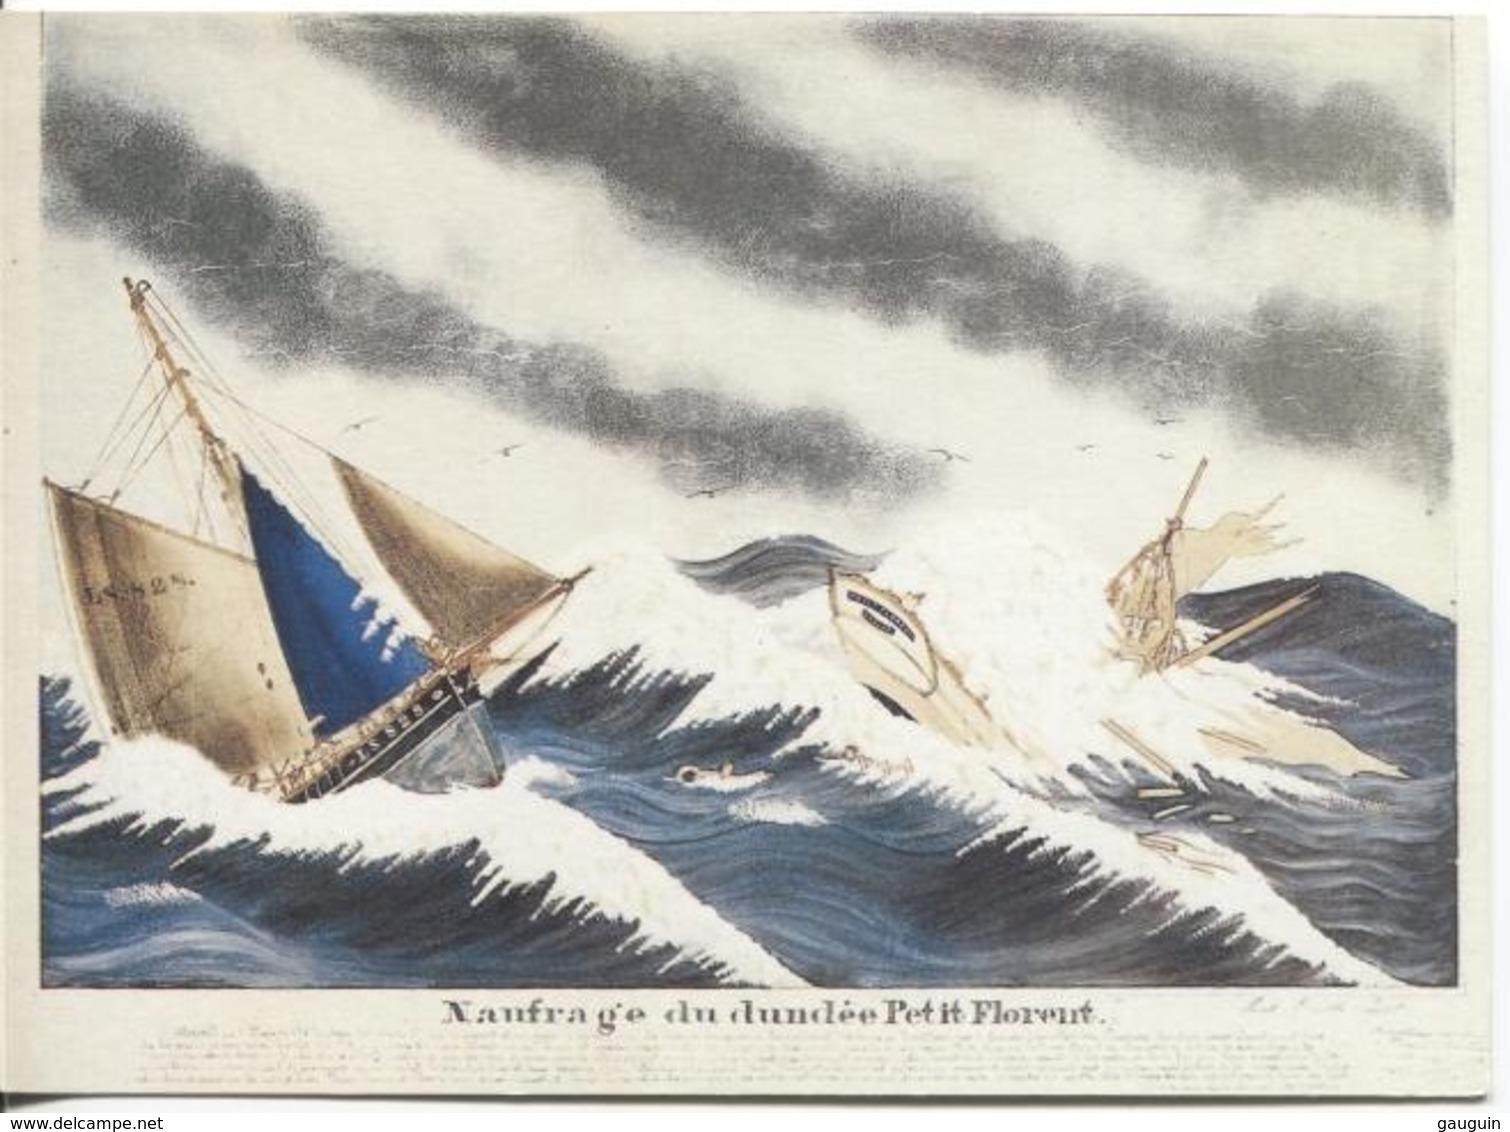 CPM - ILLUSTRATION Paul-Emile PAJOT - Naufrage Du Dundee Petit Florent - Edition Chasse-Marée Armen (format 16.5x12) - Pêche